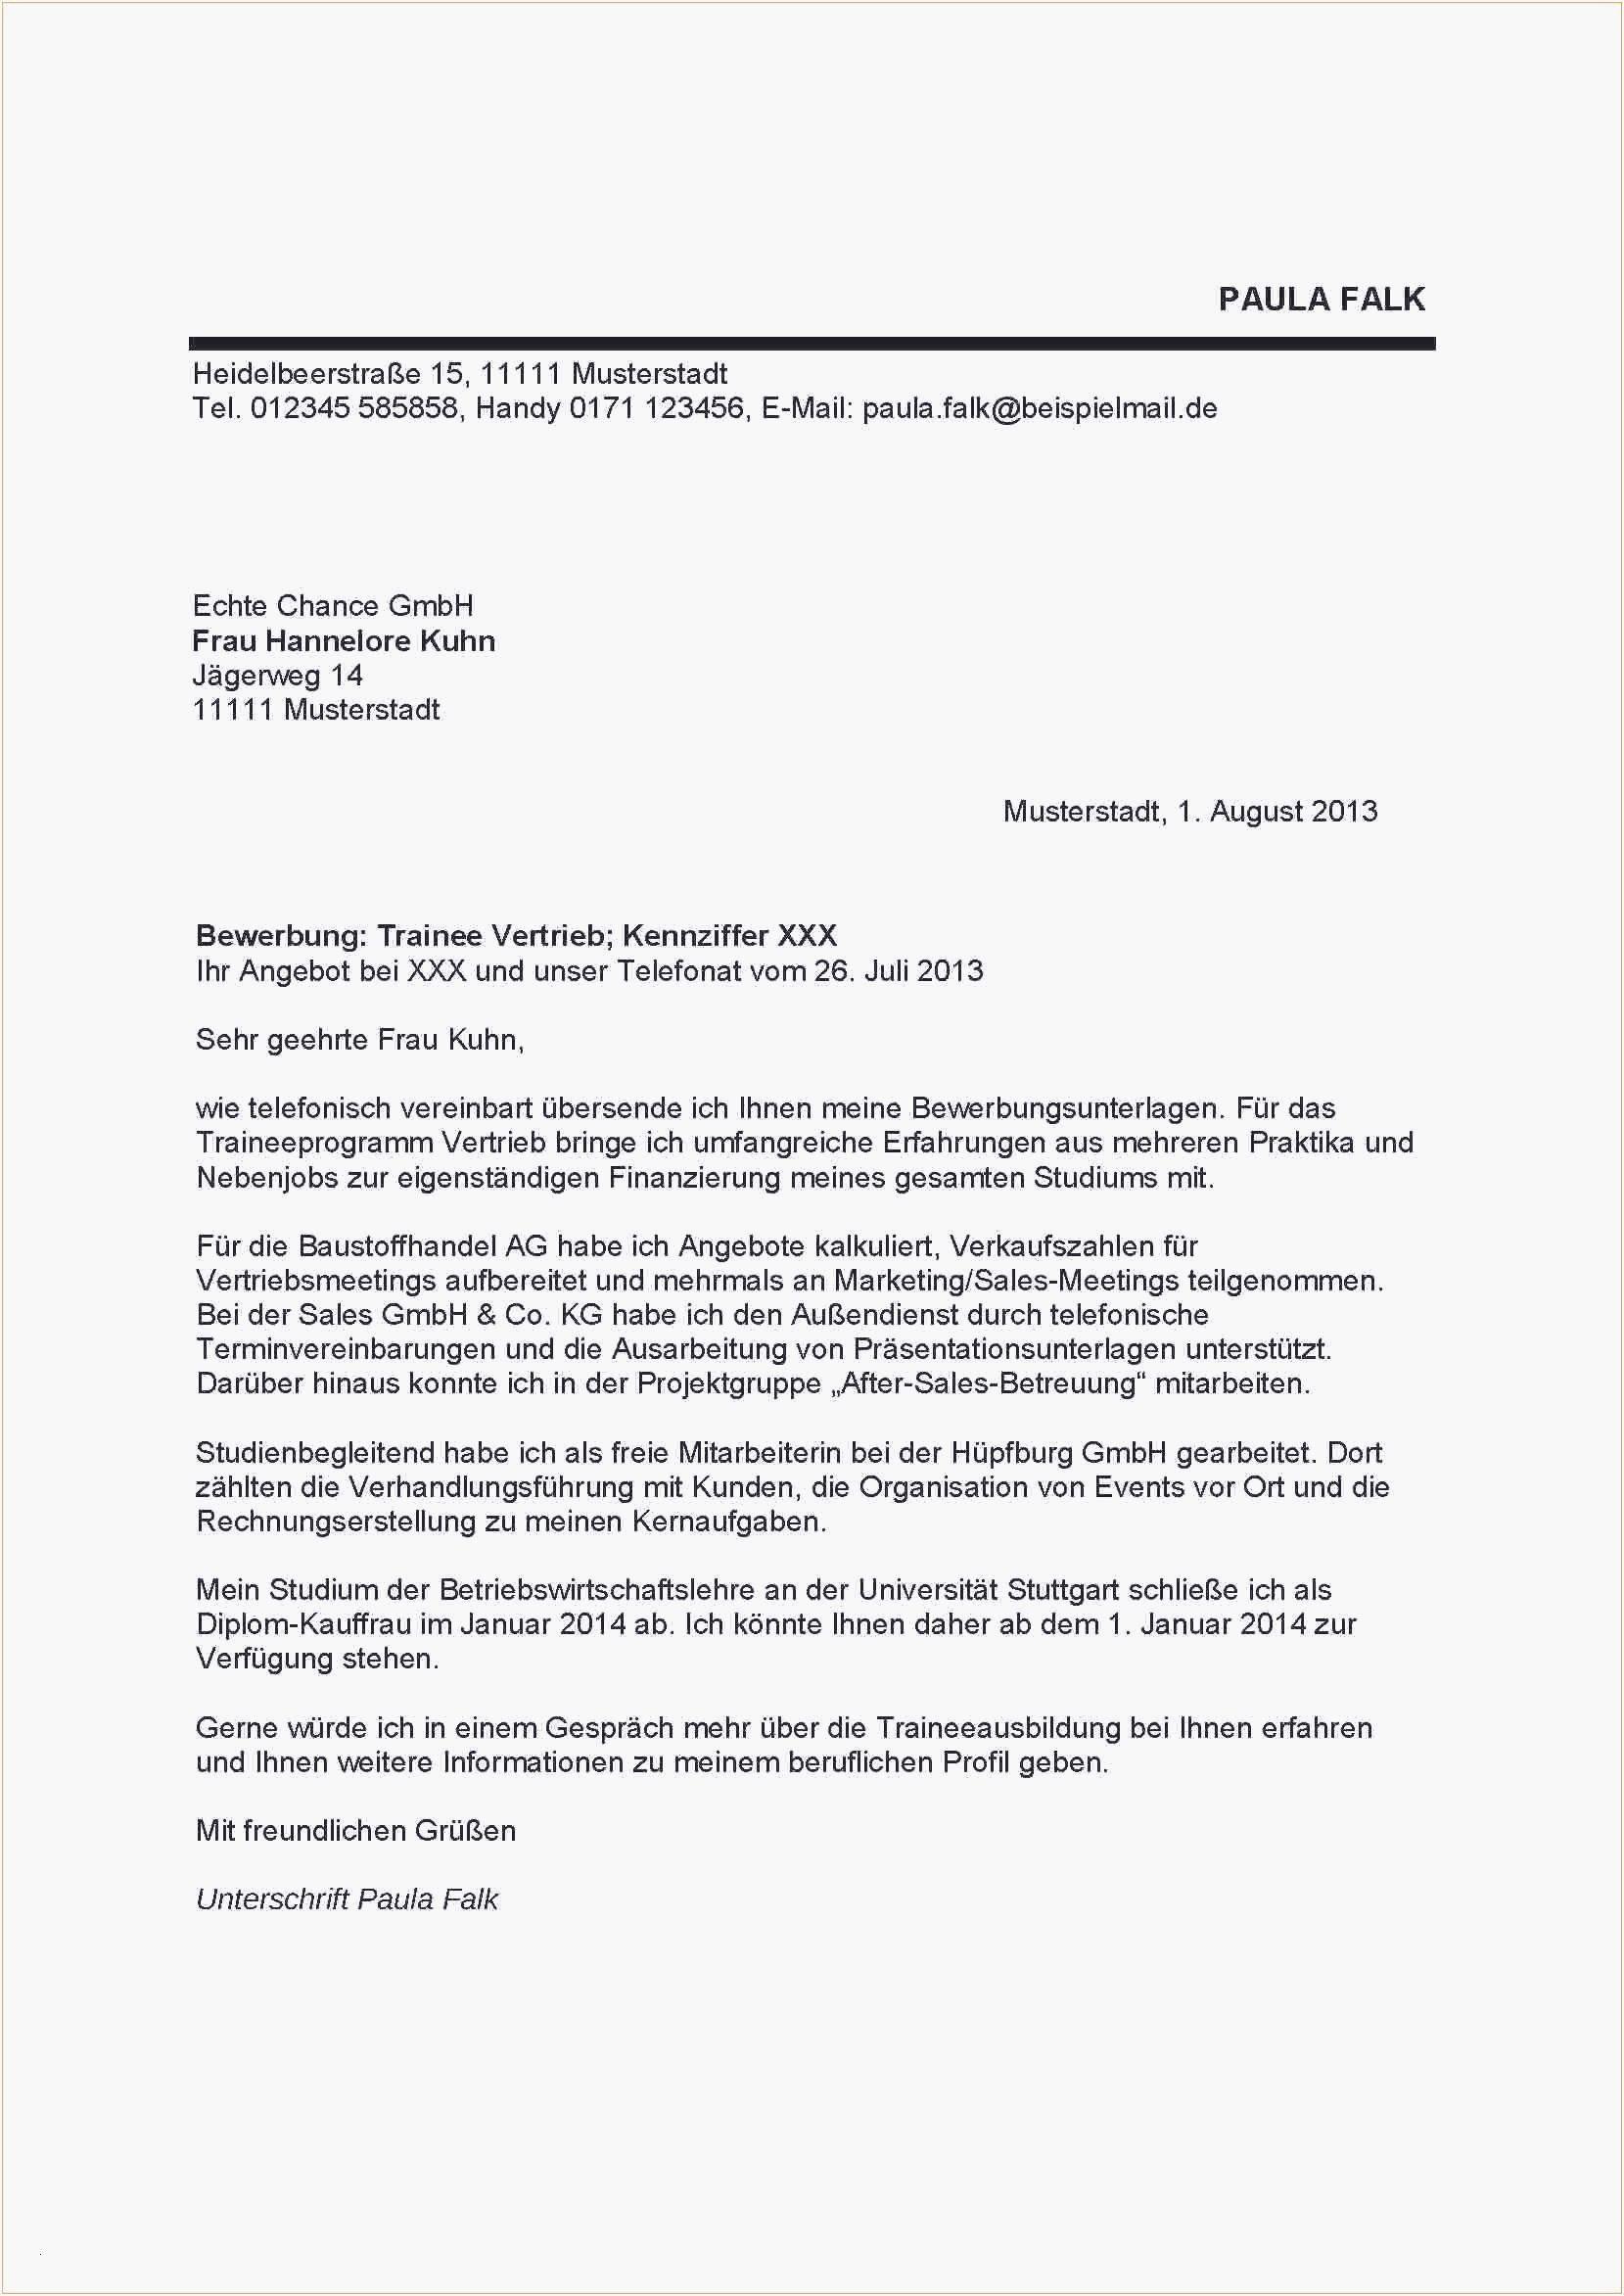 Frisch Bewerbungsvorlage Pdf Briefprobe Briefformat Briefvorlage Lebenslauf Lebenslauf Muster Vorlagen Lebenslauf